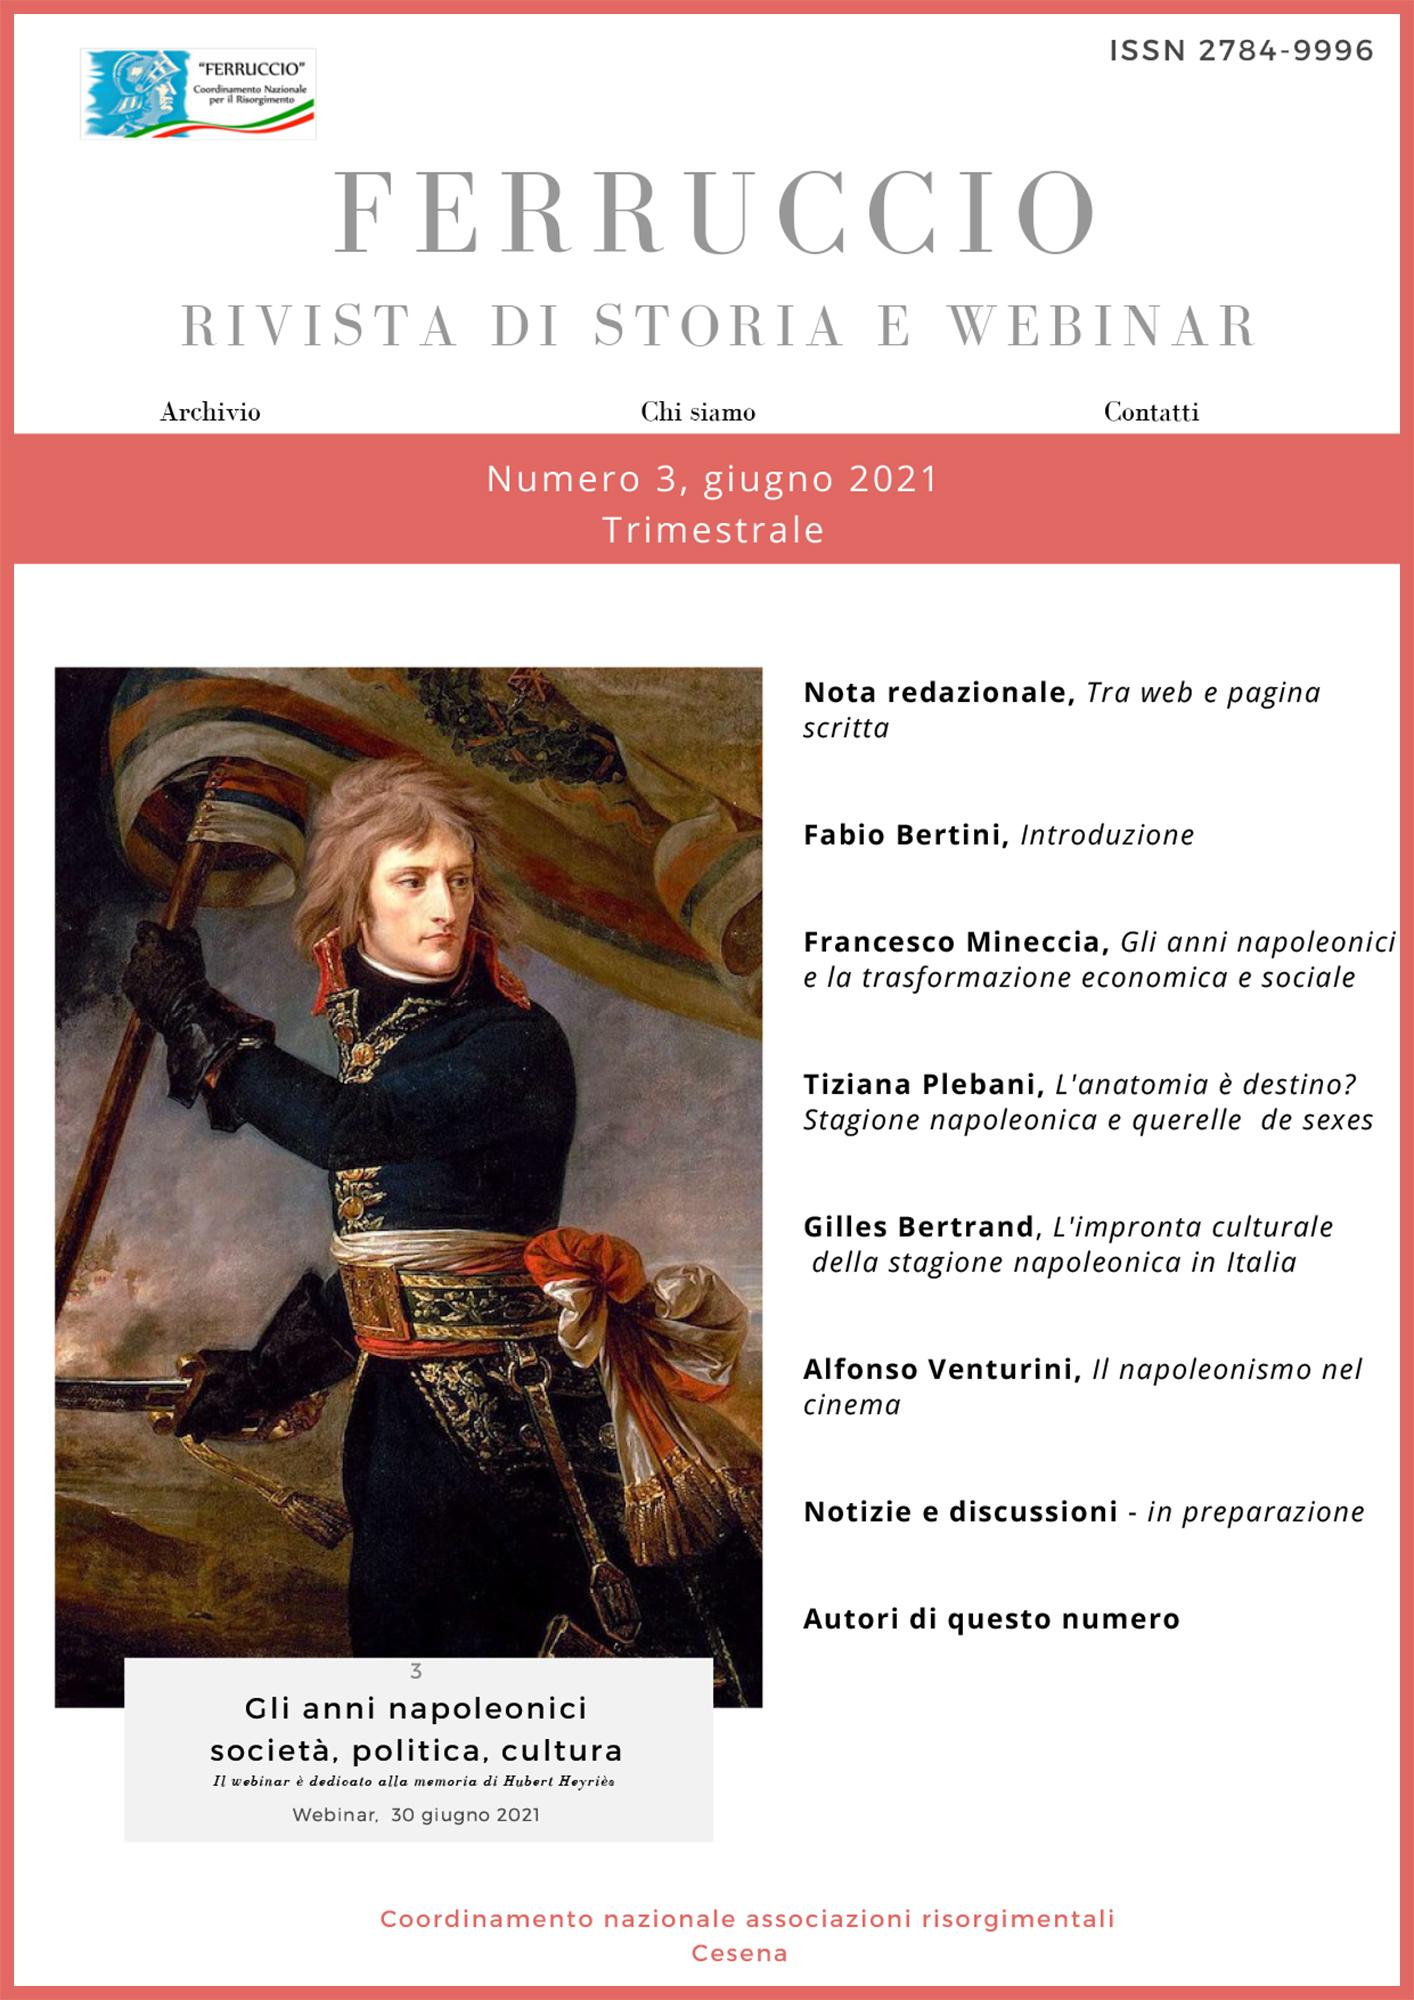 Ferruccio Rivista di Storia e Webinar